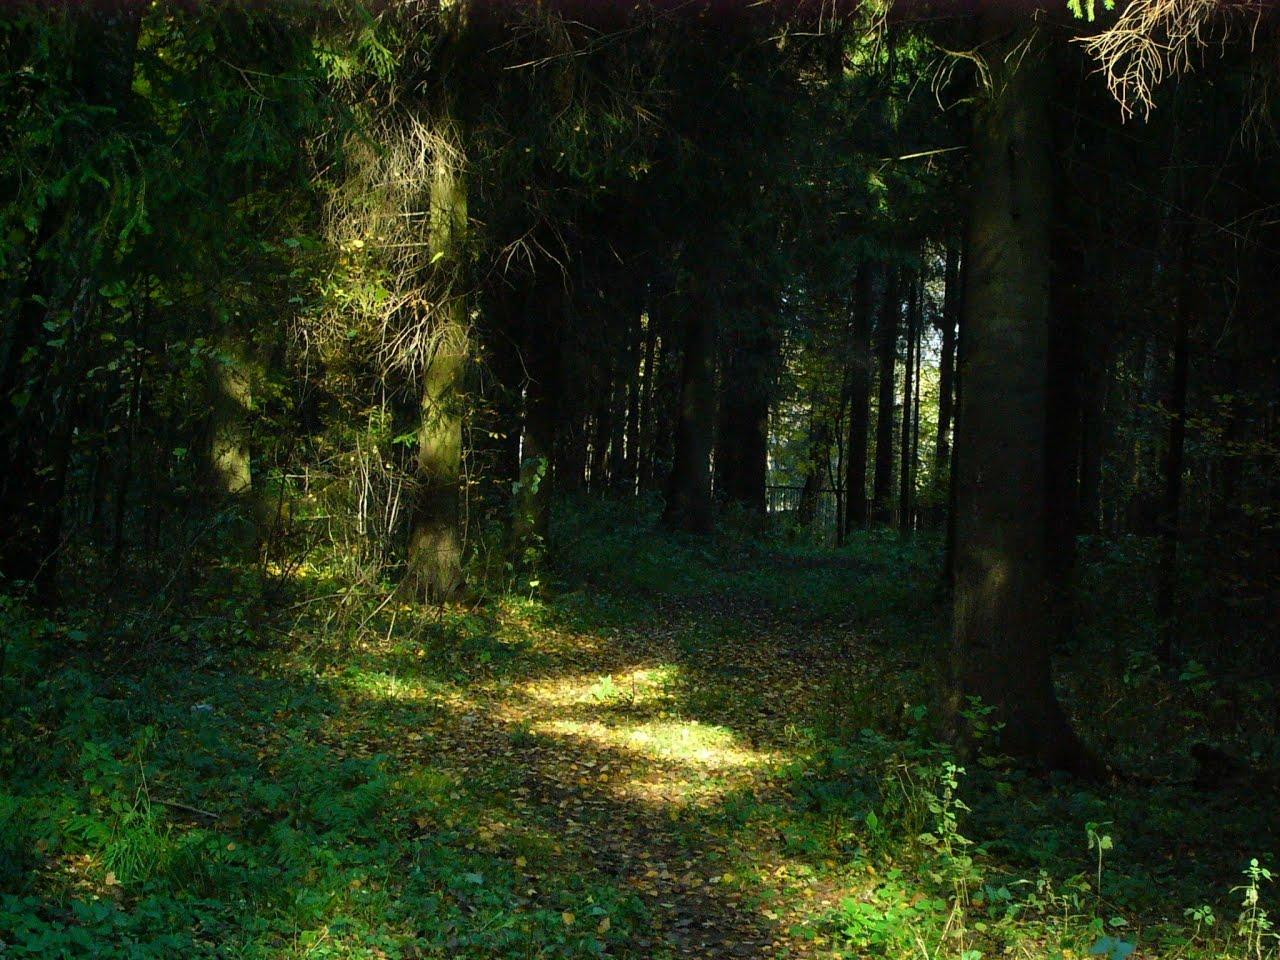 http://4.bp.blogspot.com/-09CtULMQjpM/TeLUNnVtYkI/AAAAAAAAFeE/8tHZQYPWS20/s1600/Autumn_in_Rosinka_forest22.jpg